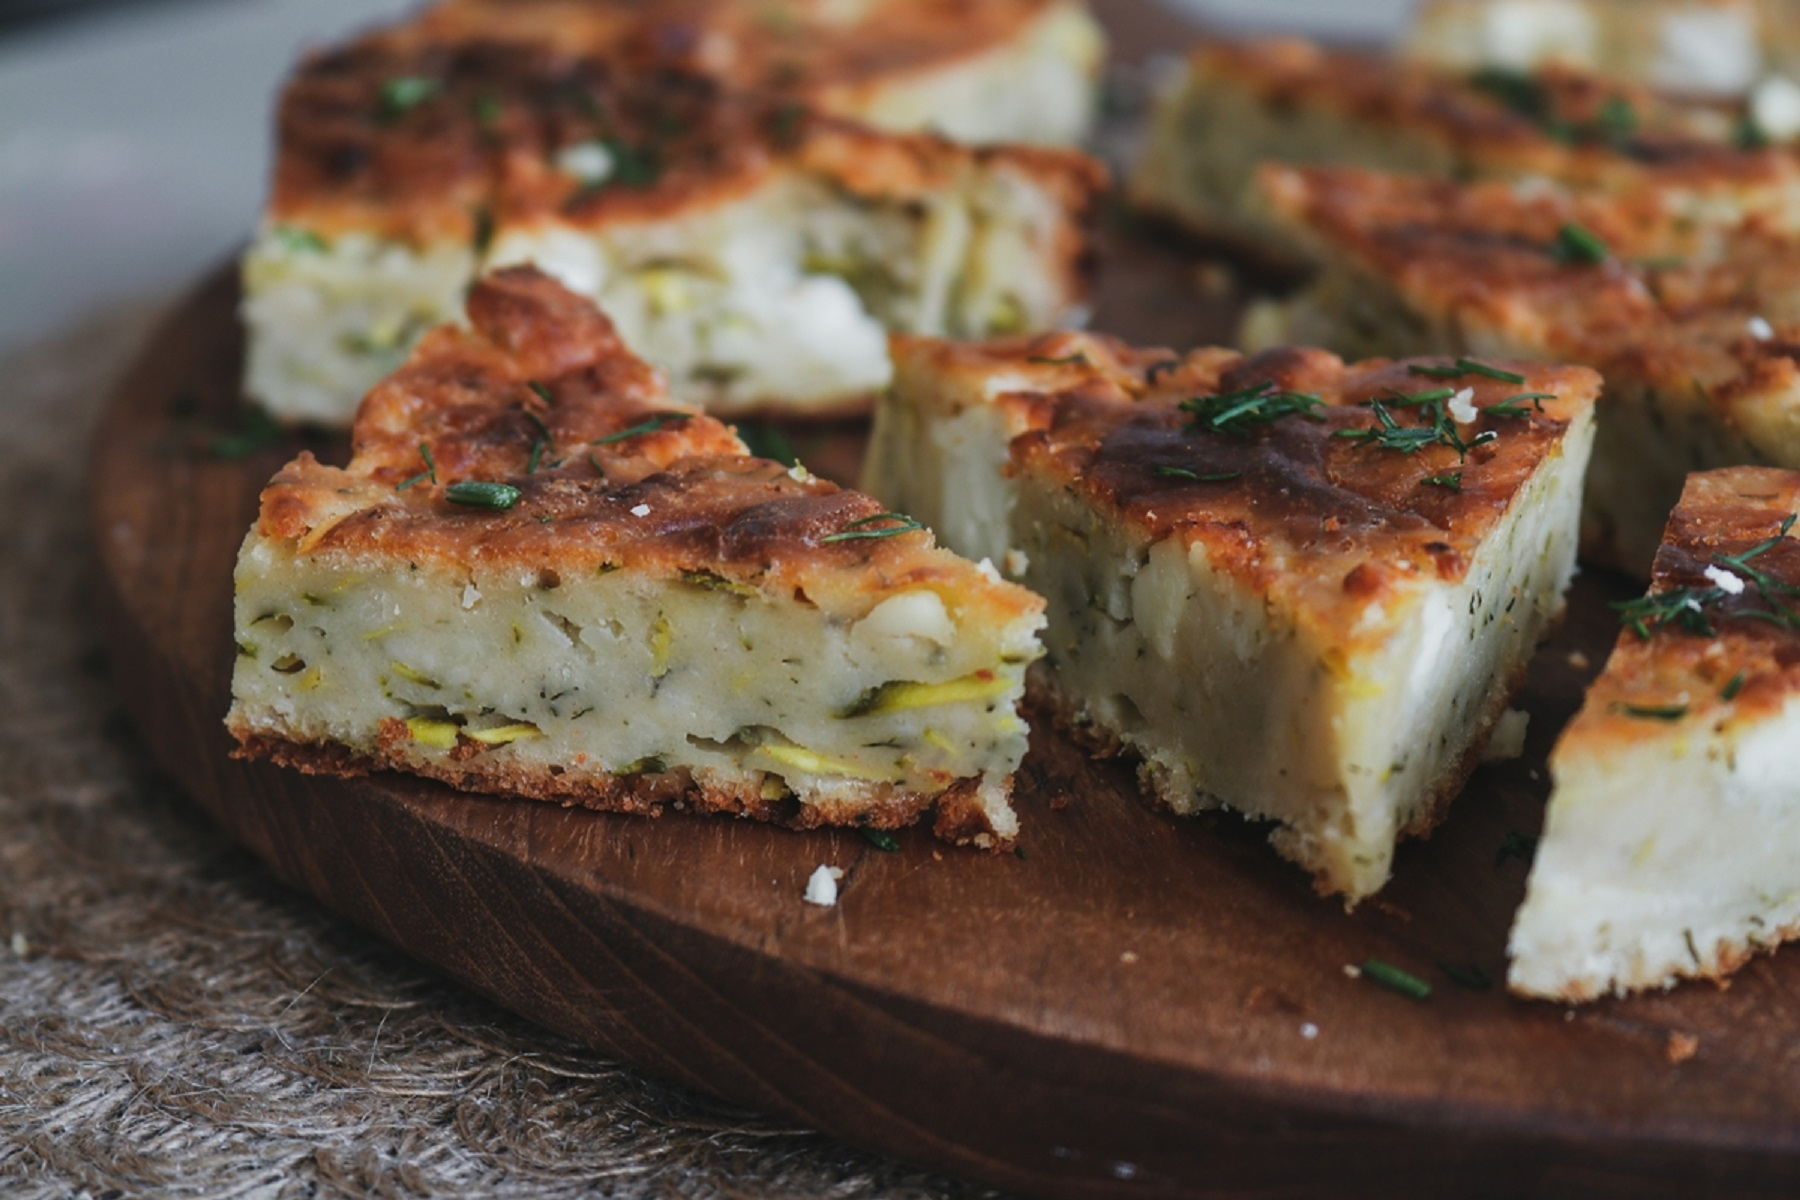 """Πίτα """"Ταρκάσι"""": Παραδοσιακή κολοκυθόπιτα με τραχανά, χωρίς φύλλο"""